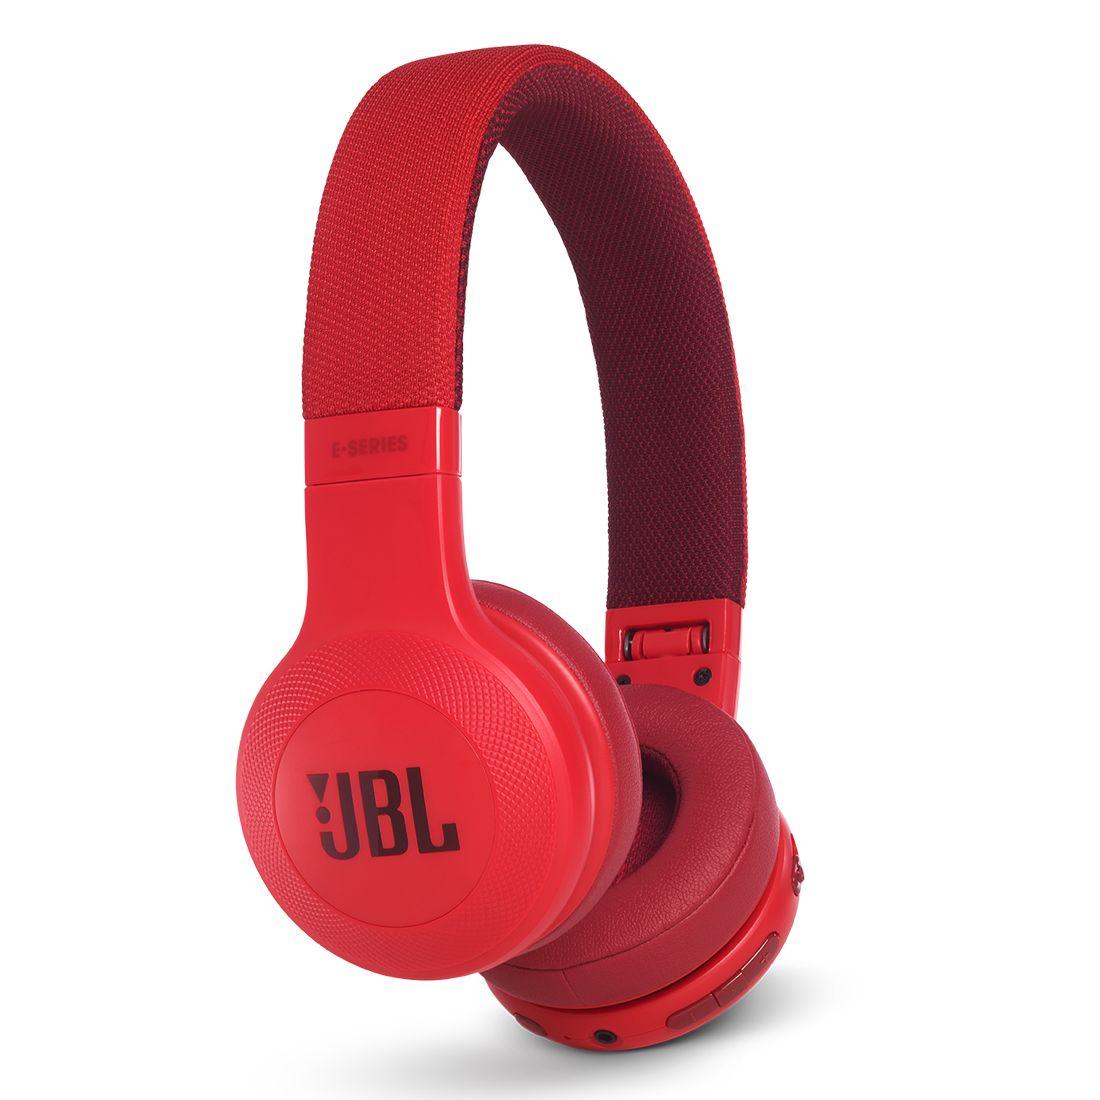 JBL E45BT On-Ear Wireless Headphones - Red